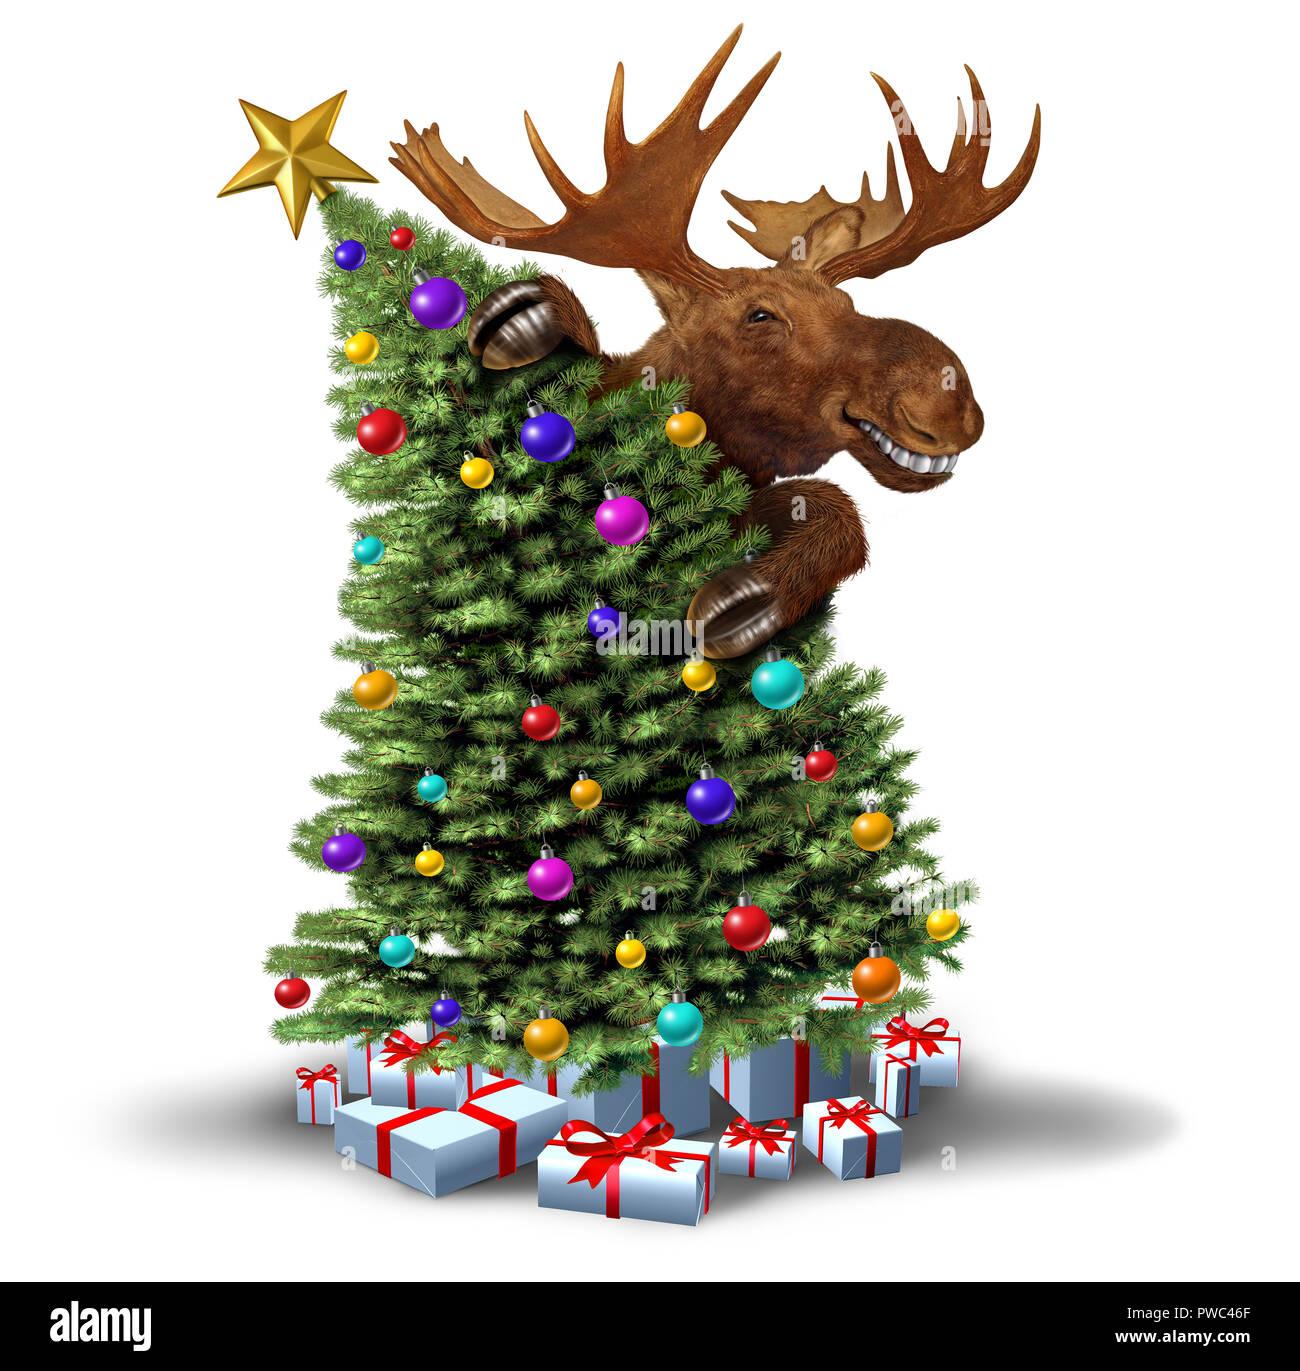 Lustige Elche Schmücken Einen Weihnachtsbaum Als Winterurlaub Gruss